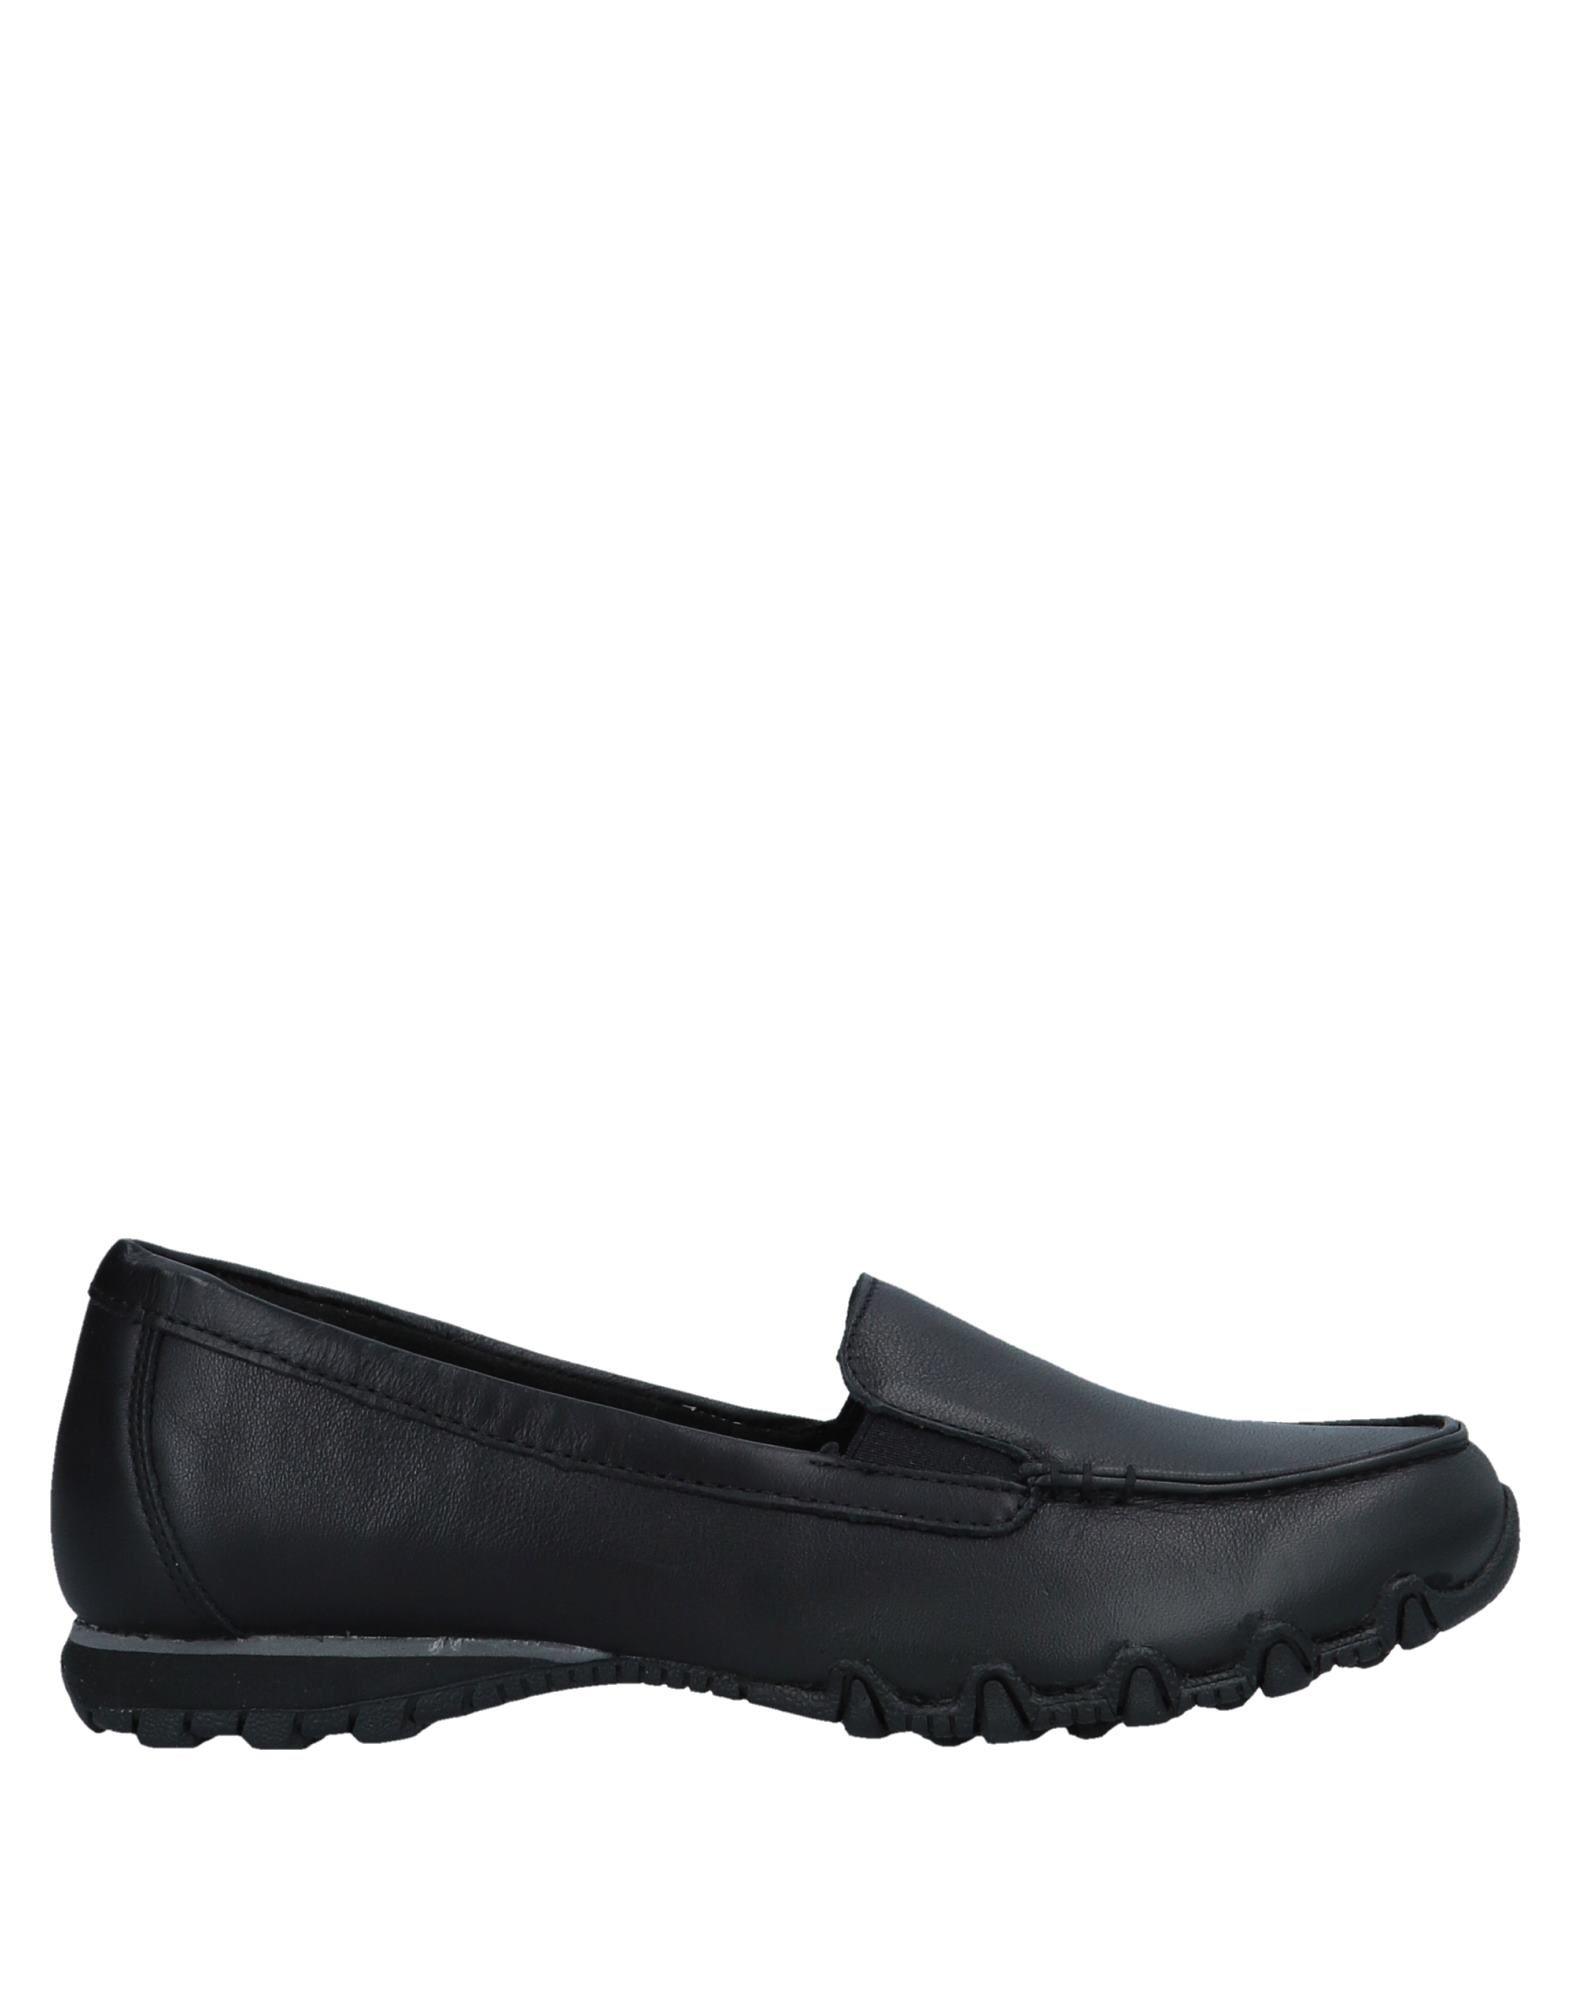 Mocassino Skechers Scarpe Donna - 11554798EX Scarpe Skechers comode e distintive 114789